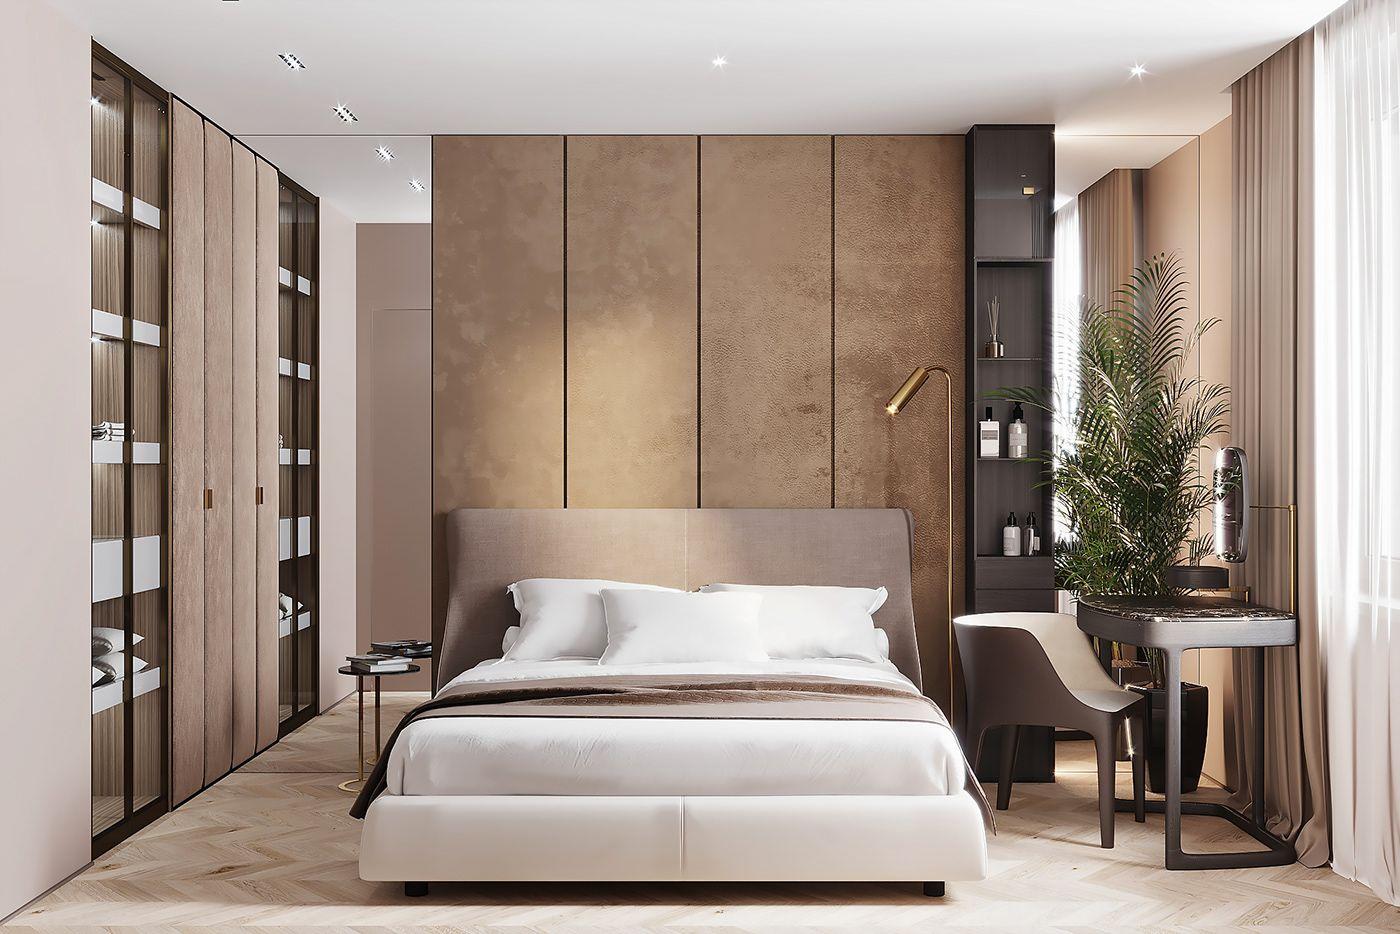 Apt. 58 m2 on Behance White furniture living room